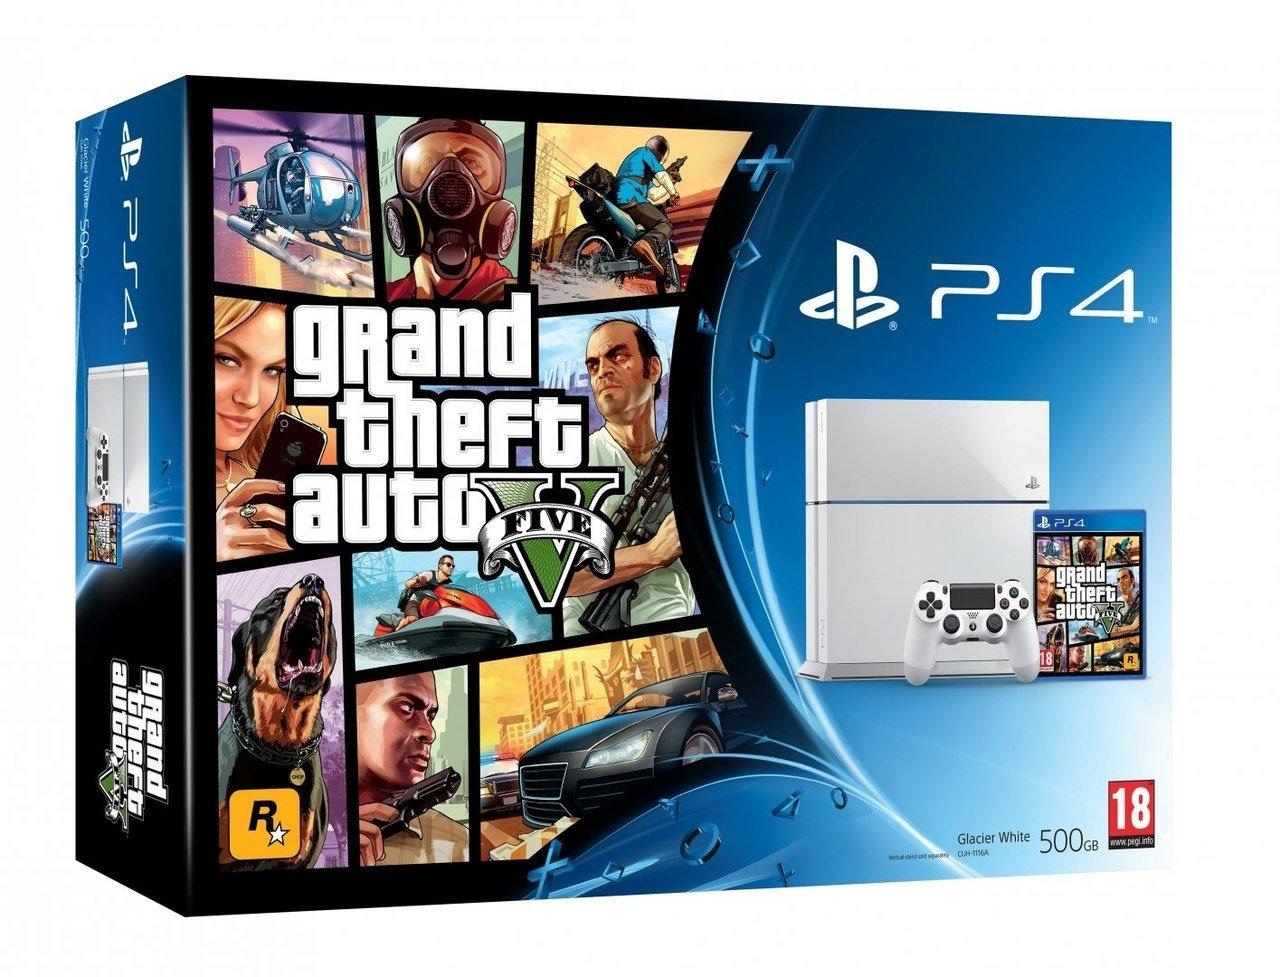 Вот такие вот бандлы PS4+GTA V поступят в продажу вместе с игрой 18 ноября.. - Изображение 1